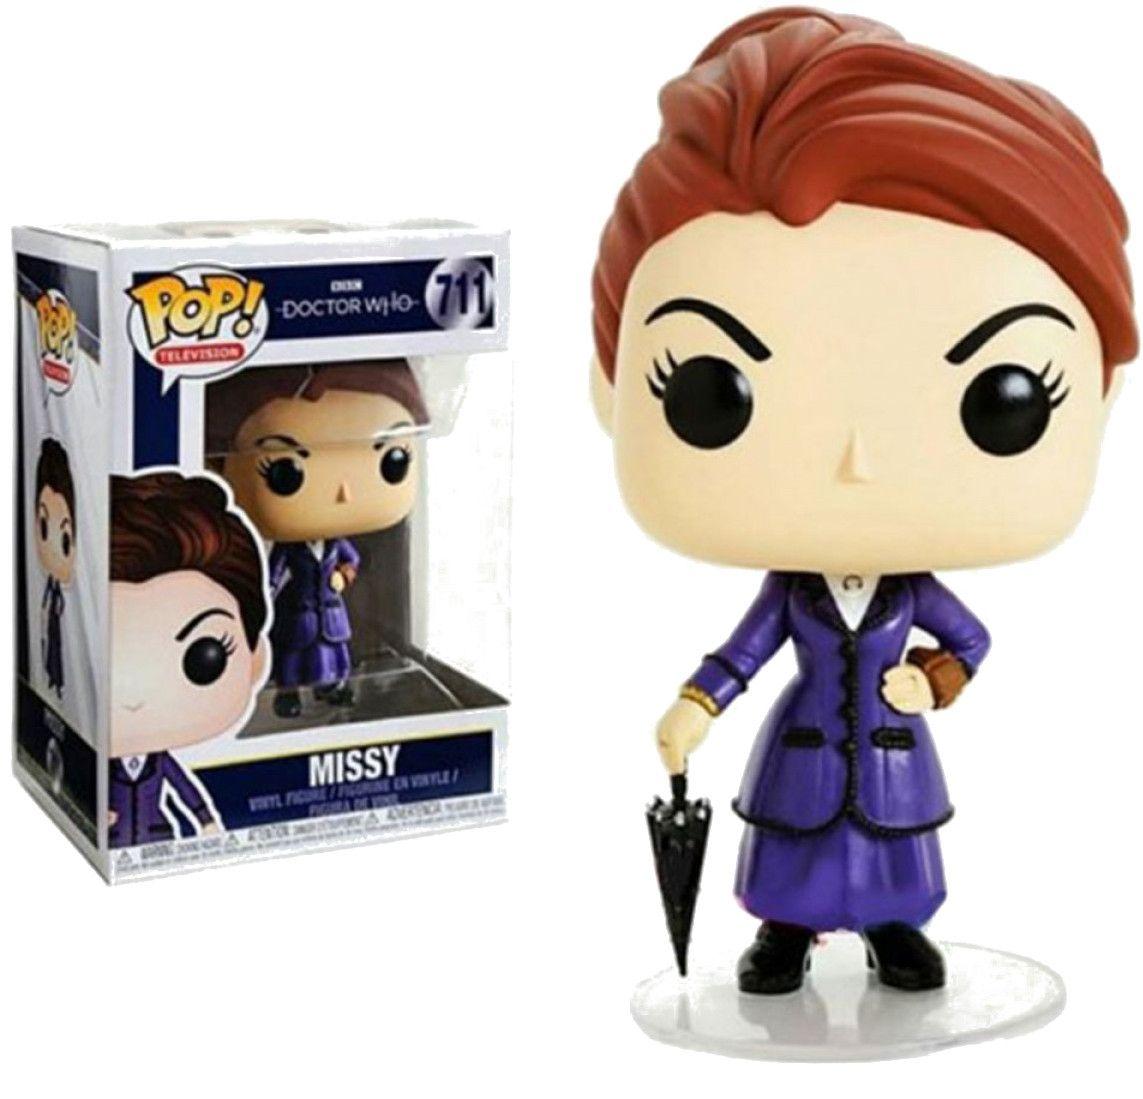 Фигура Funko POP! Television: Doctor Who - Missy, #711  - 2